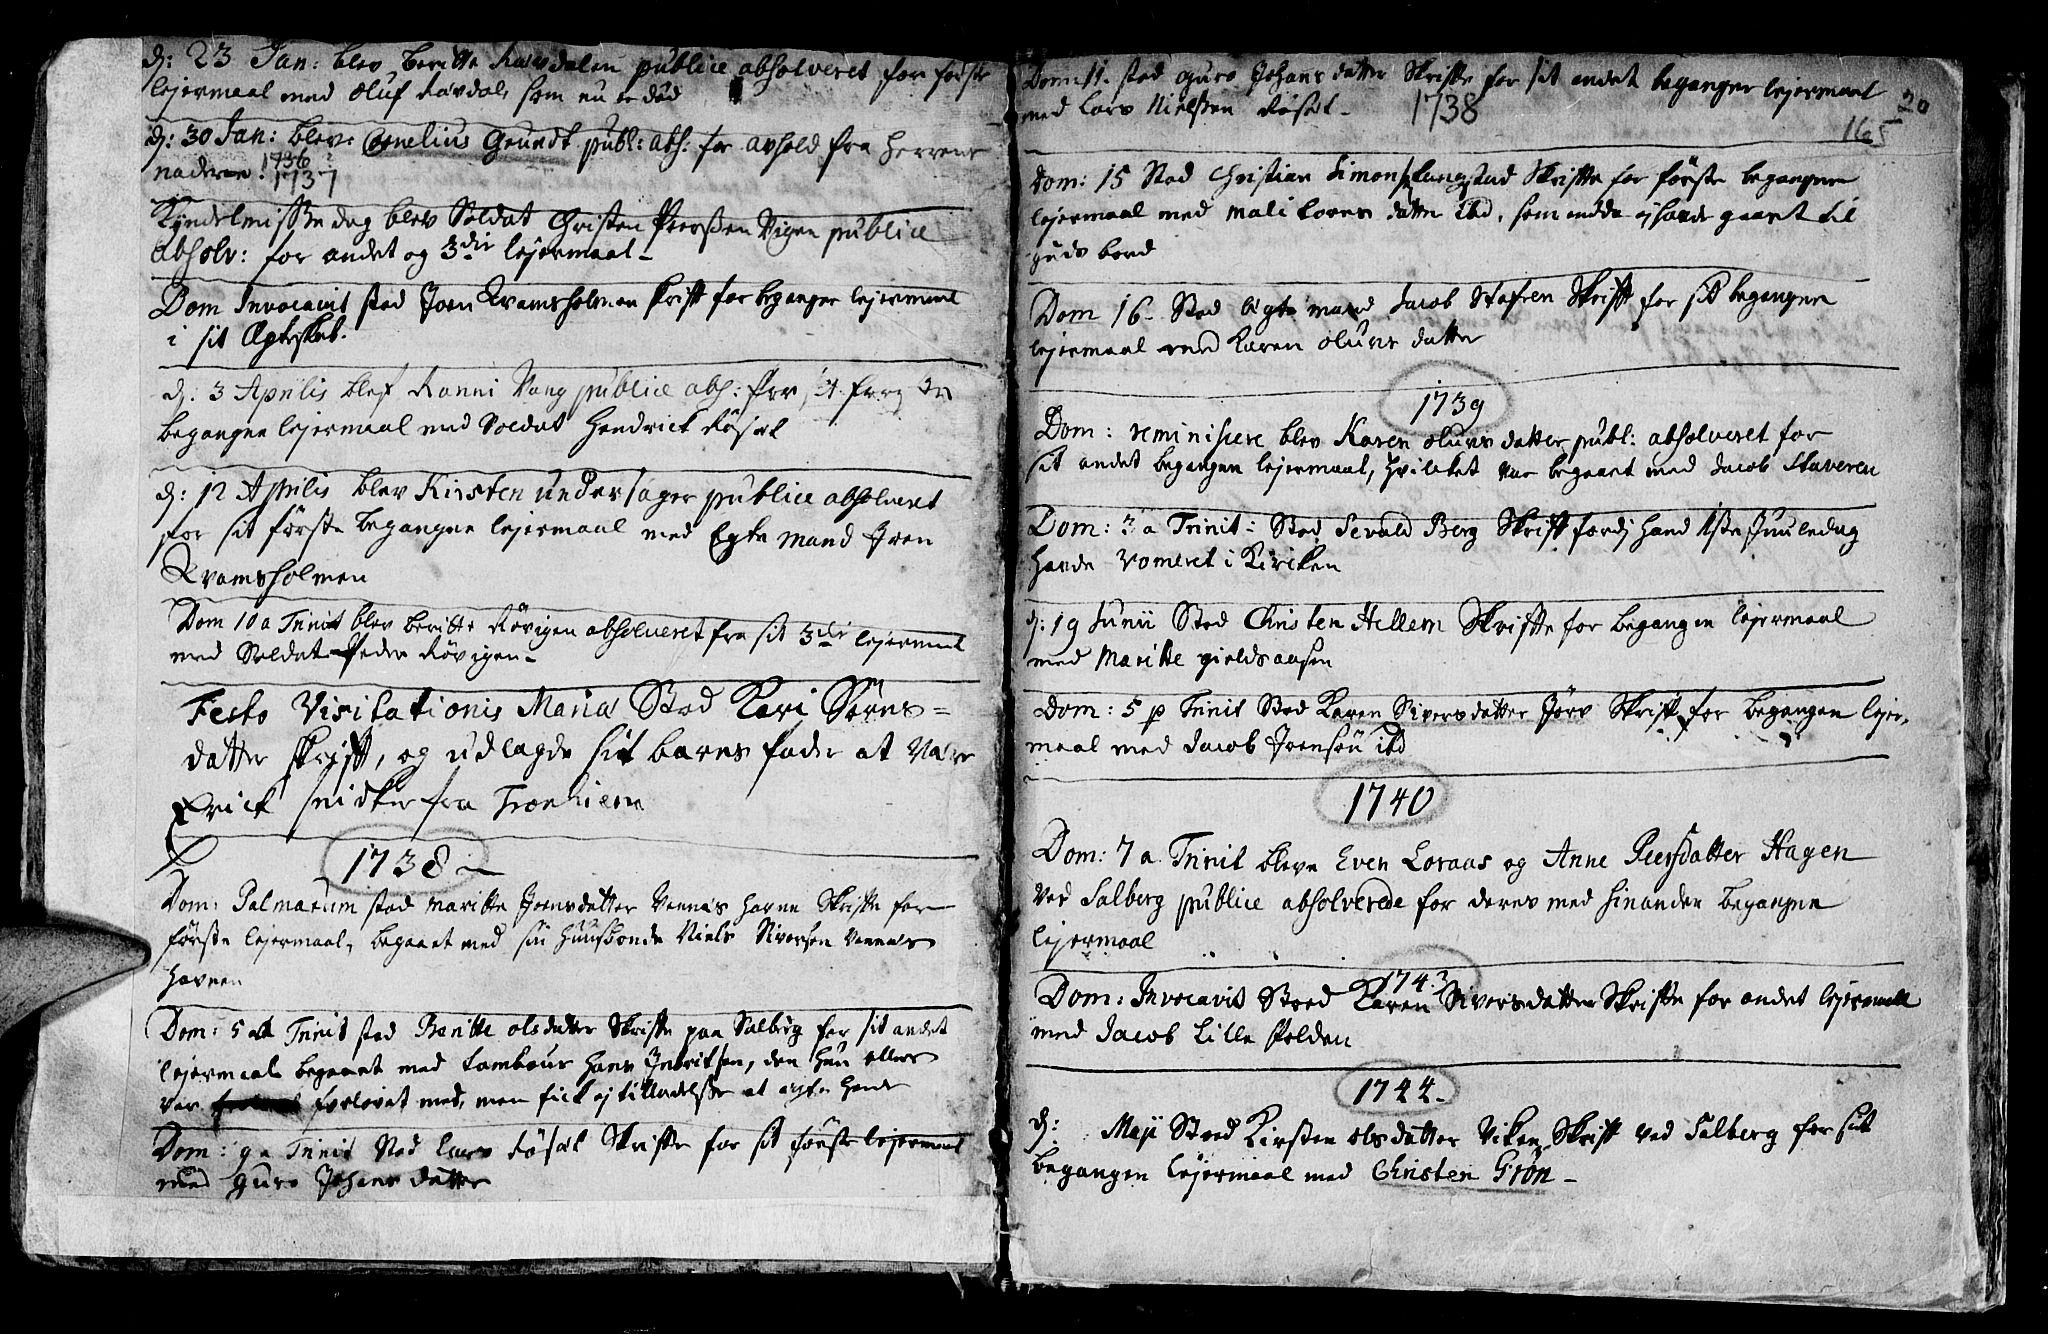 SAT, Ministerialprotokoller, klokkerbøker og fødselsregistre - Nord-Trøndelag, 730/L0272: Ministerialbok nr. 730A01, 1733-1764, s. 165